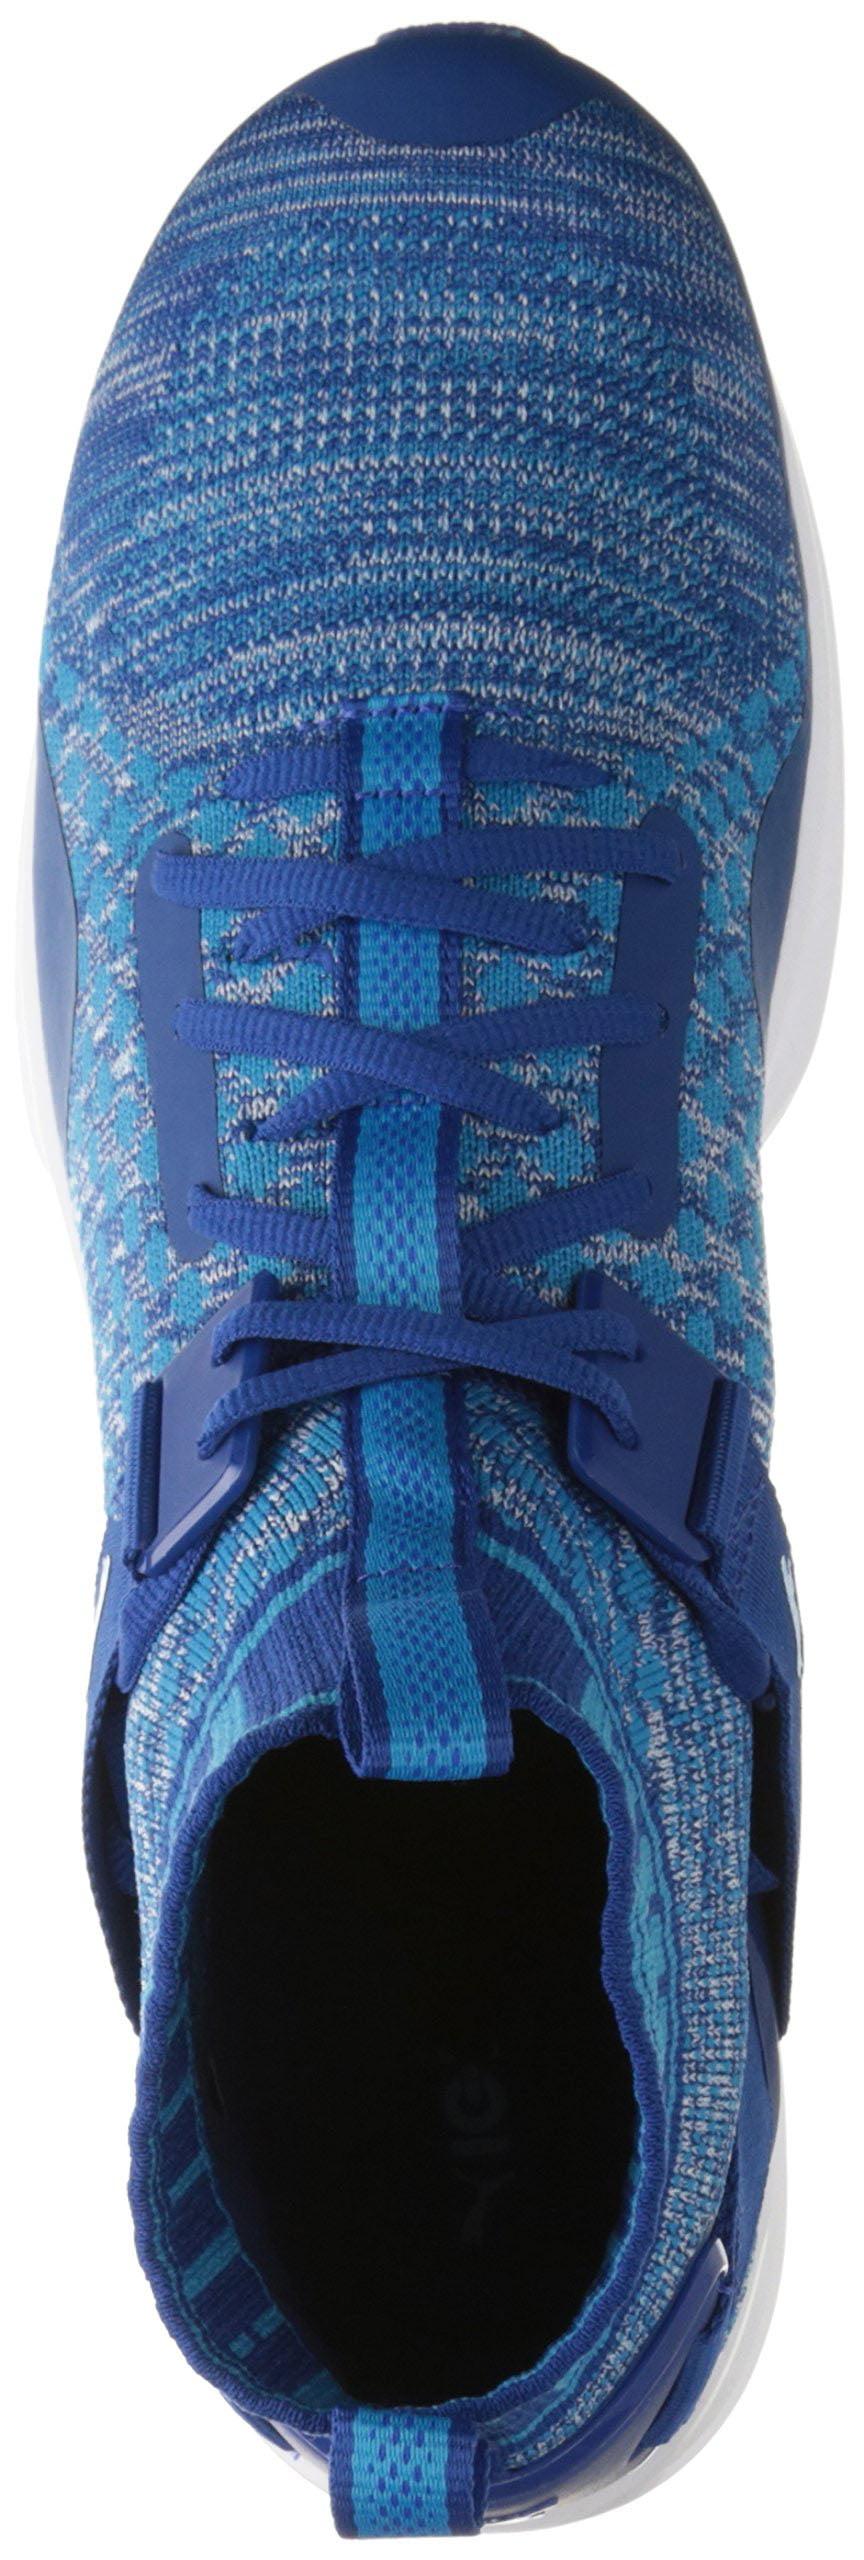 Puma Ignite EvoKnit Shoes True Blue Running Mens Footwear Gym Sport The Weeknd